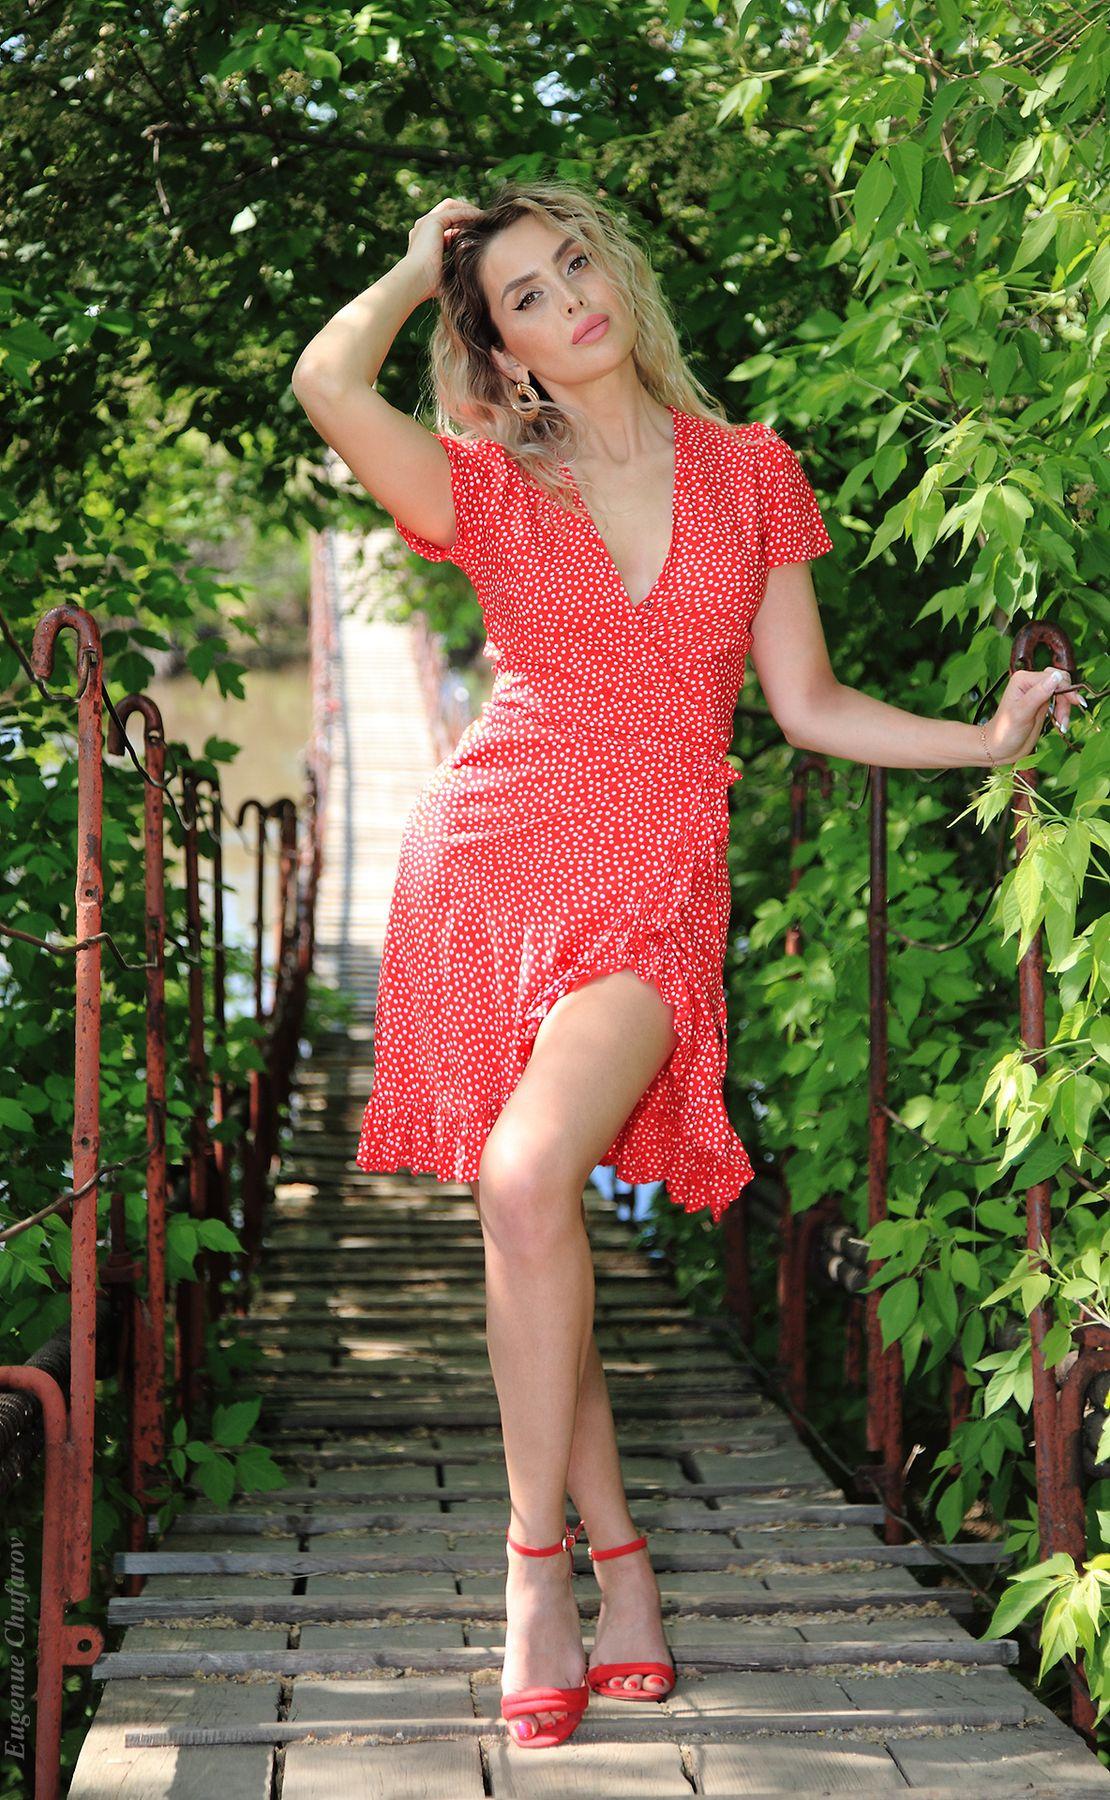 ***** Красотка платье весна природа подвесной мост